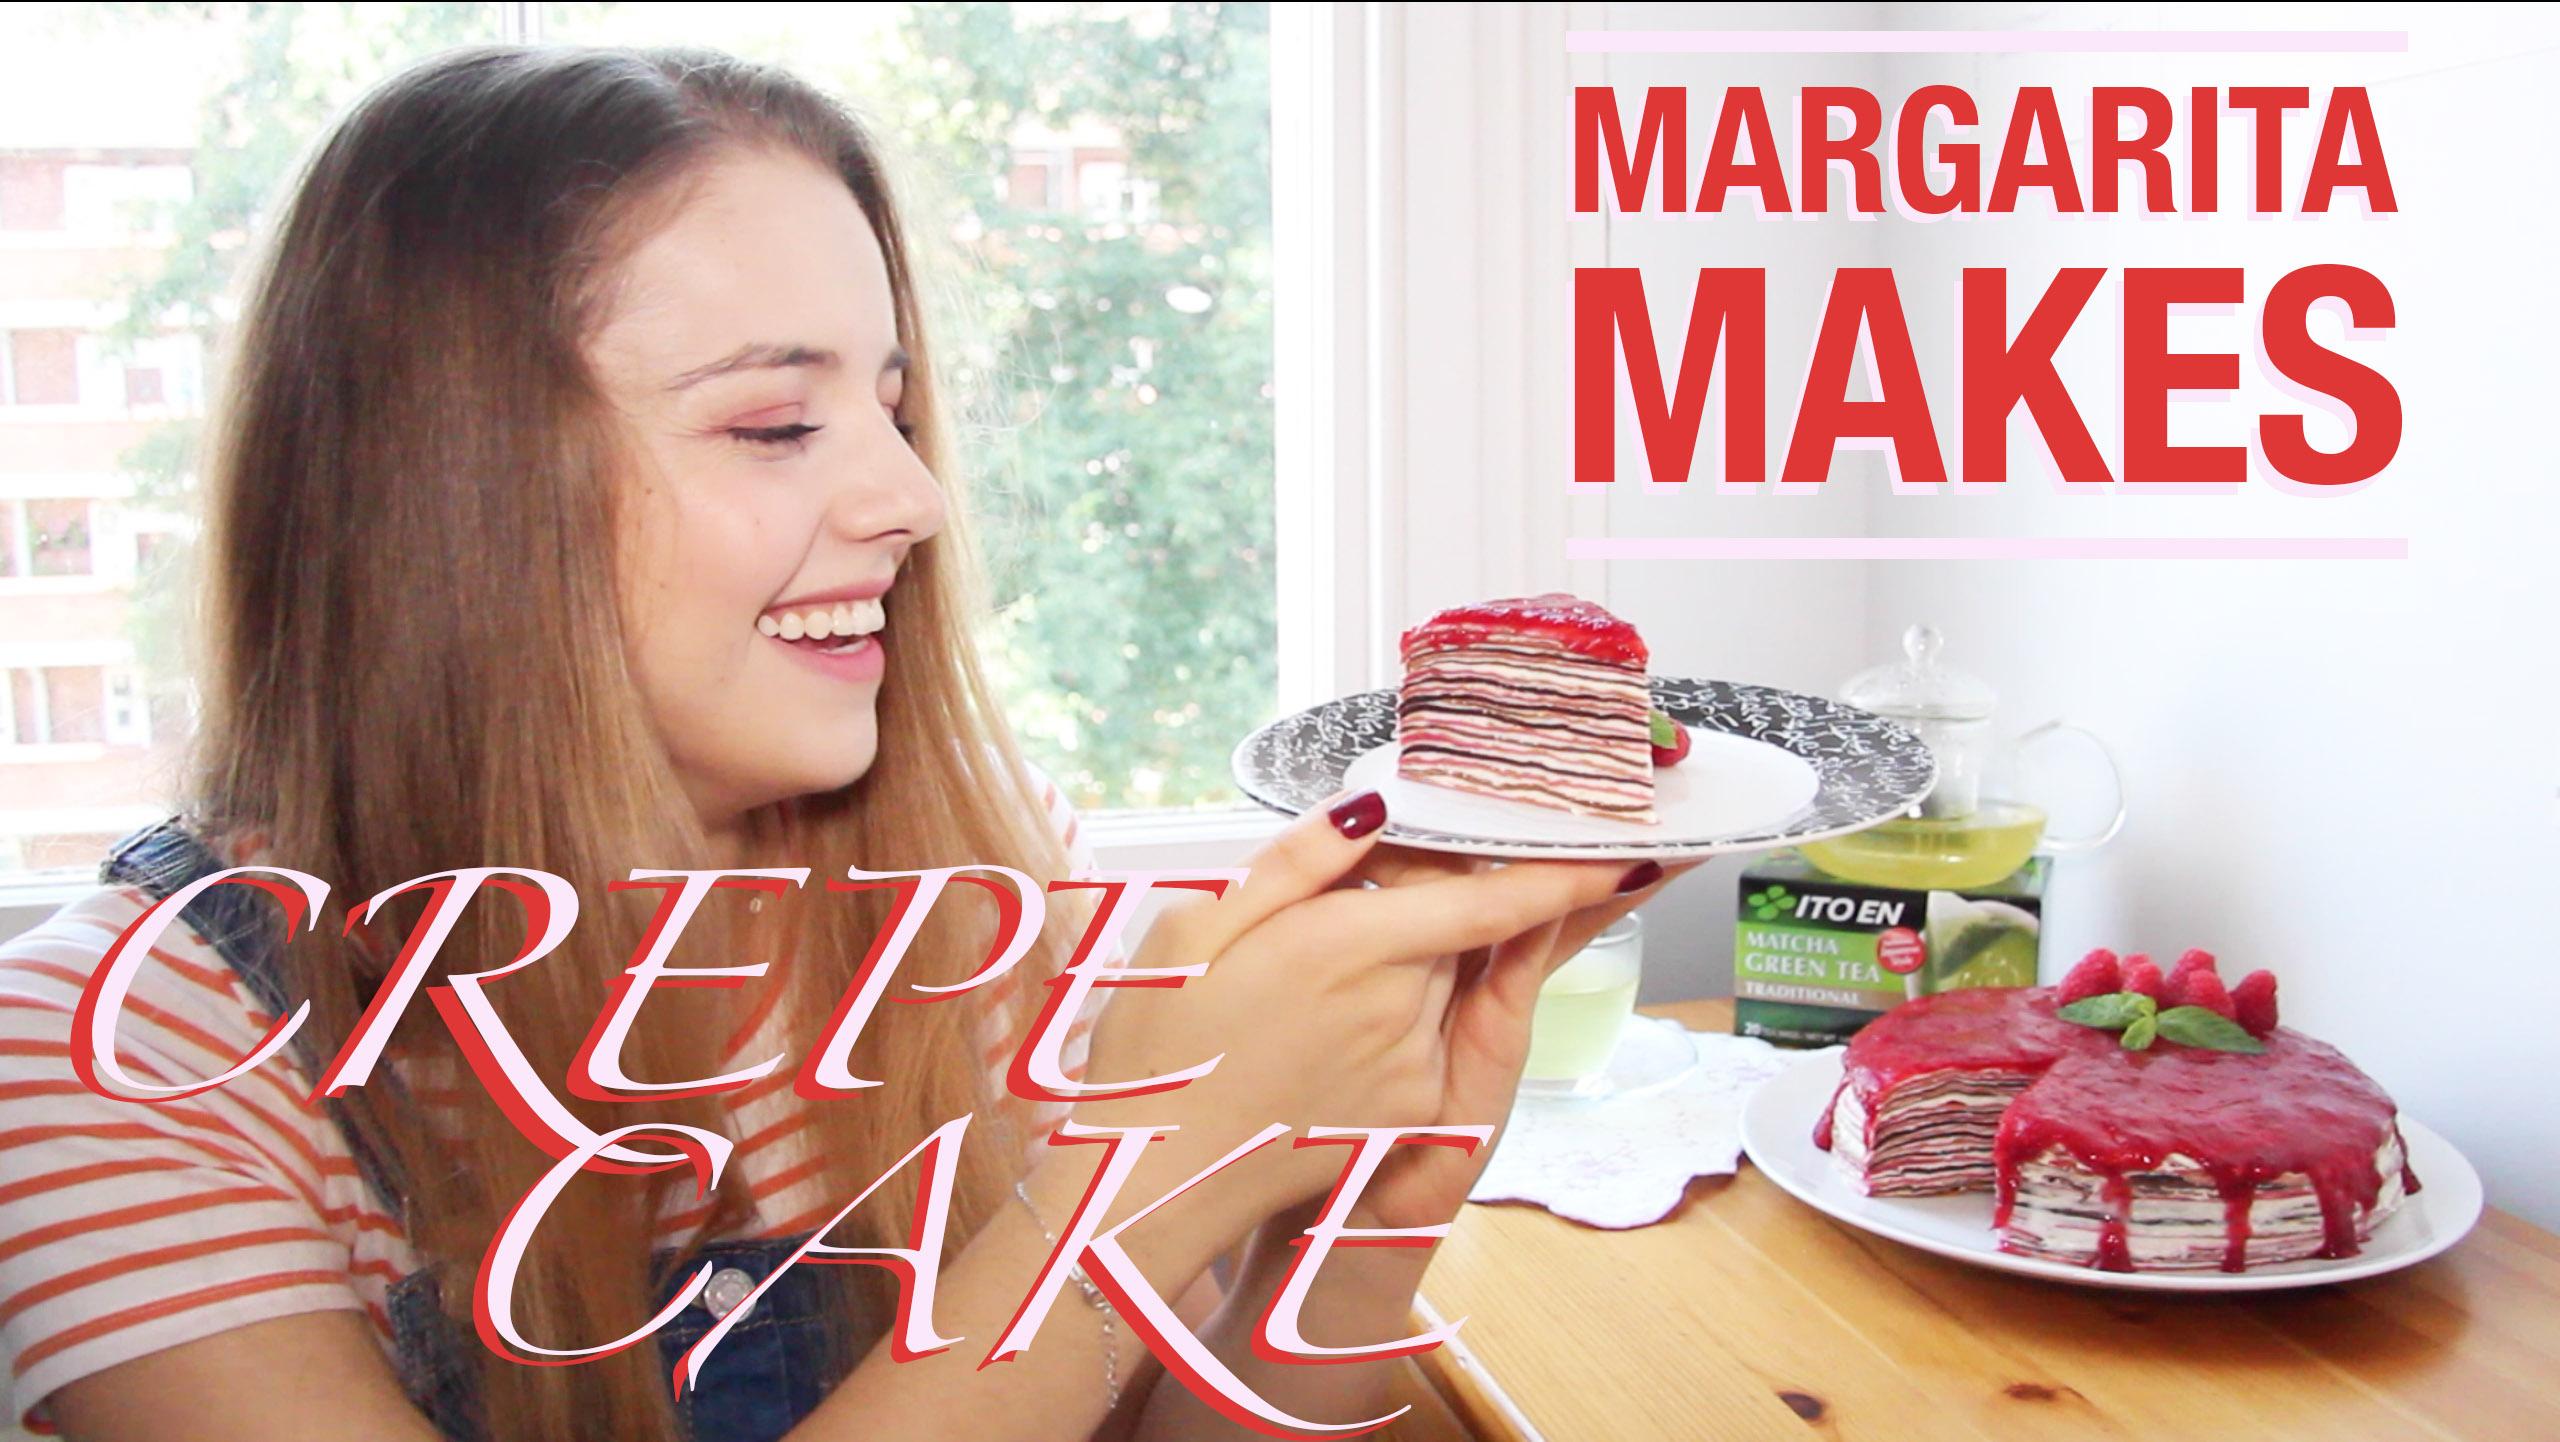 Margarita Episode 14: Margarita Makes Tea & Treats Part 2